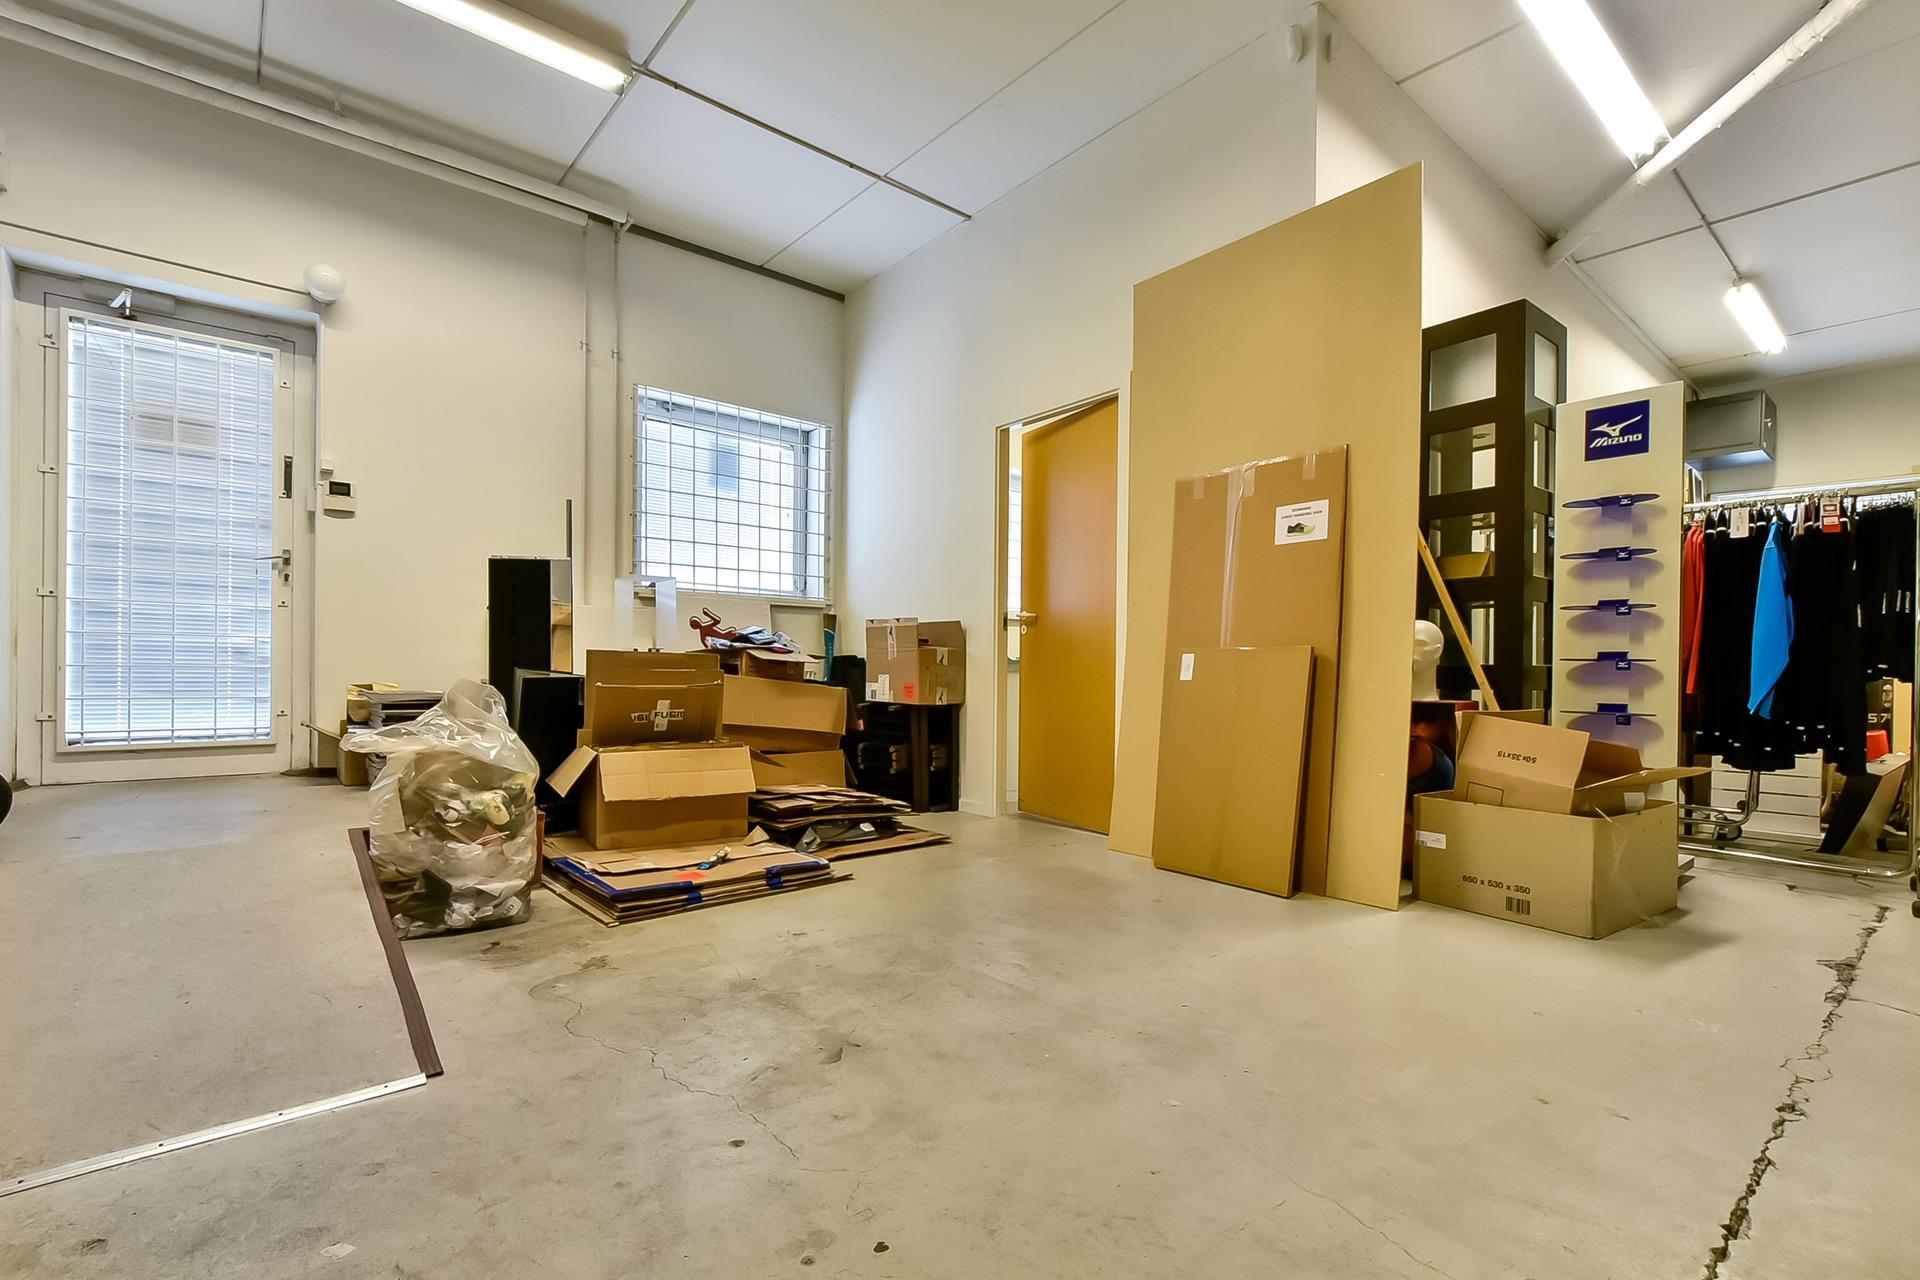 Bolig/erhverv på Bredgade i Herning - Lagerrum